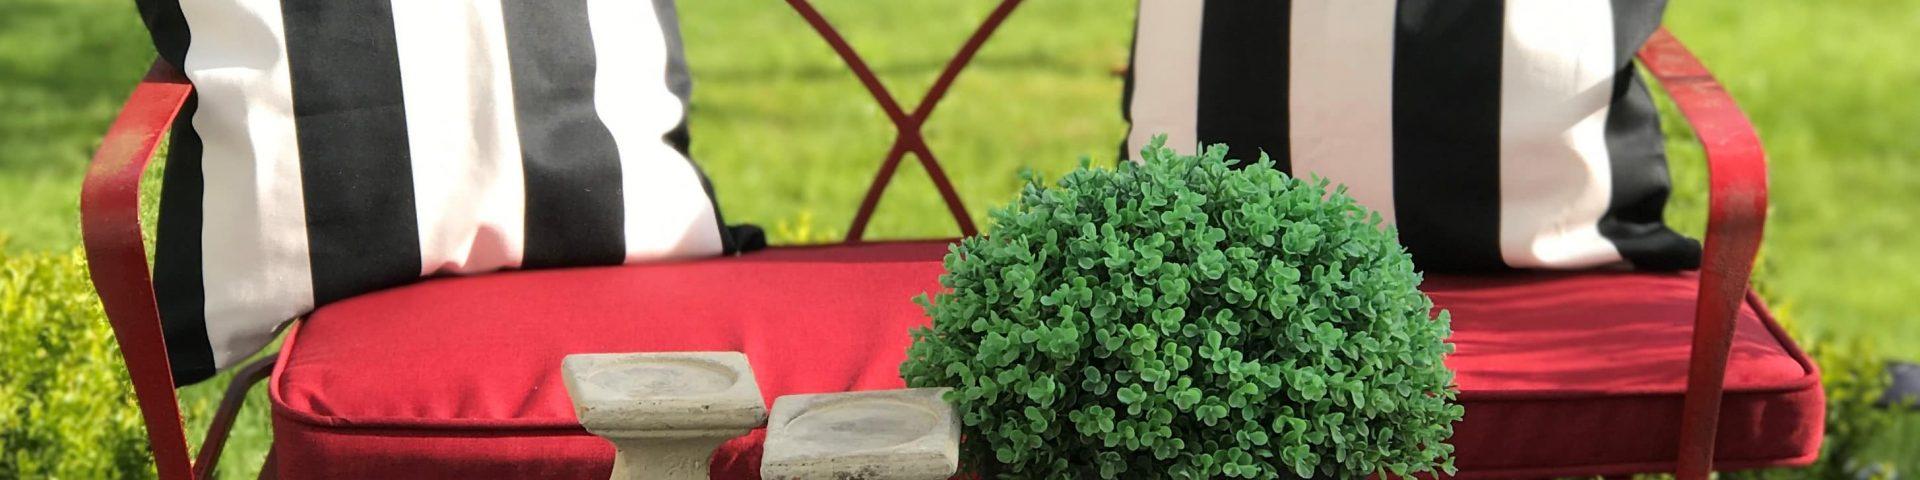 tuinkussens impregneren, Waterdichte tuinkussens maken, Tuinkussens waterdicht maken, waterdichte tuinkussens, Texseal pro, Textiel impregneer spray